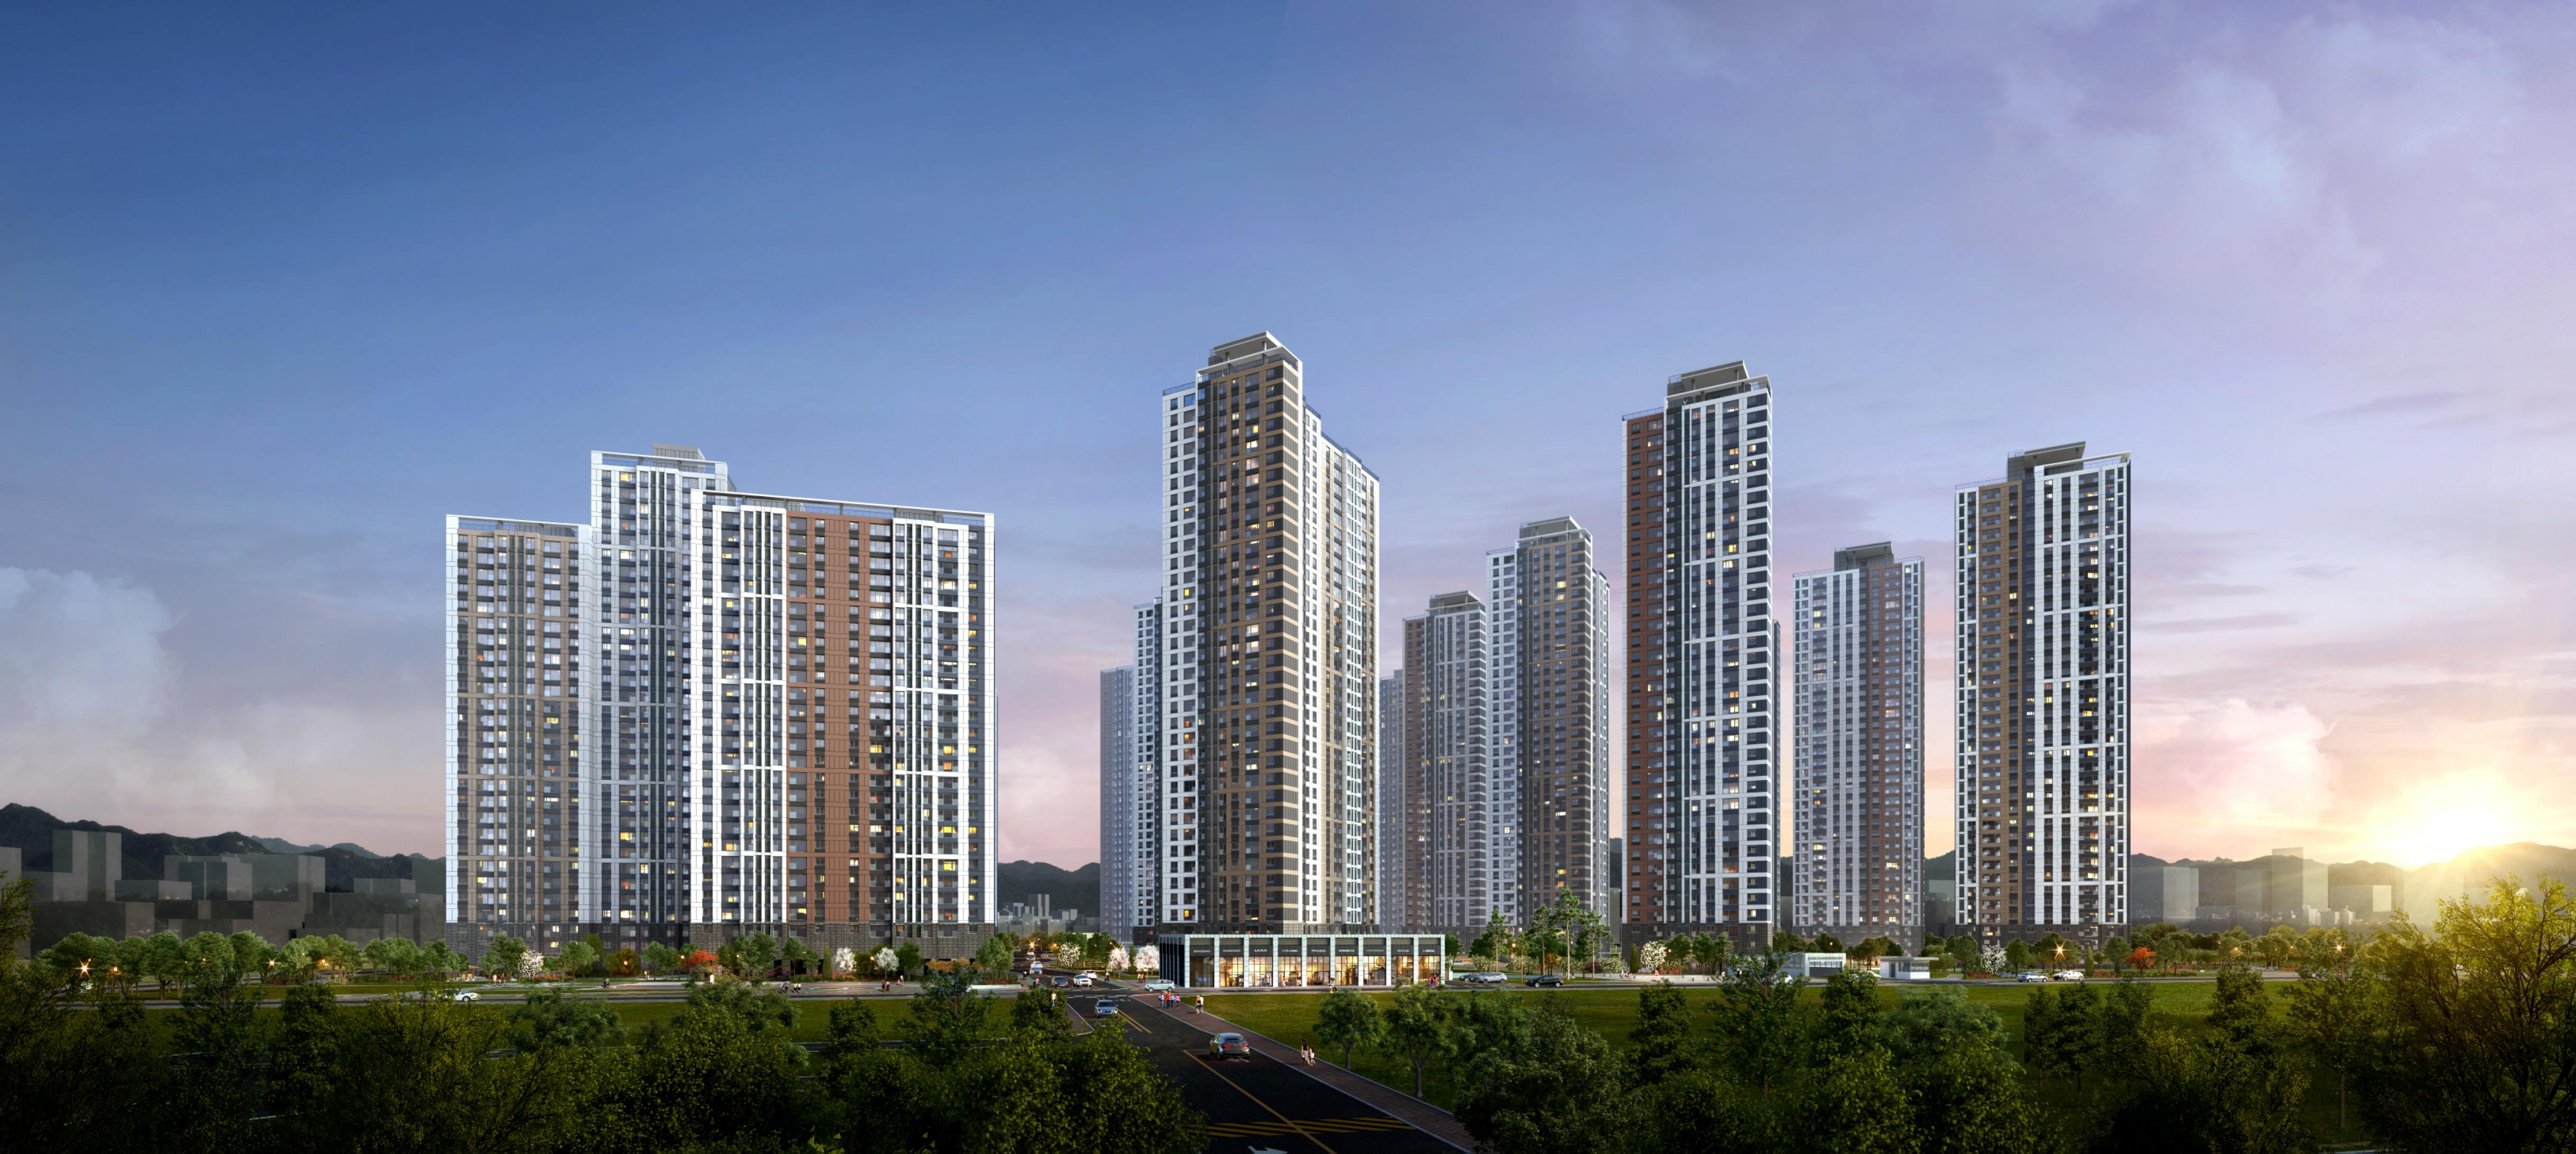 GS건설, 의정부역 센트럴자이&위브캐슬 23일(금) 견본주택 오픈